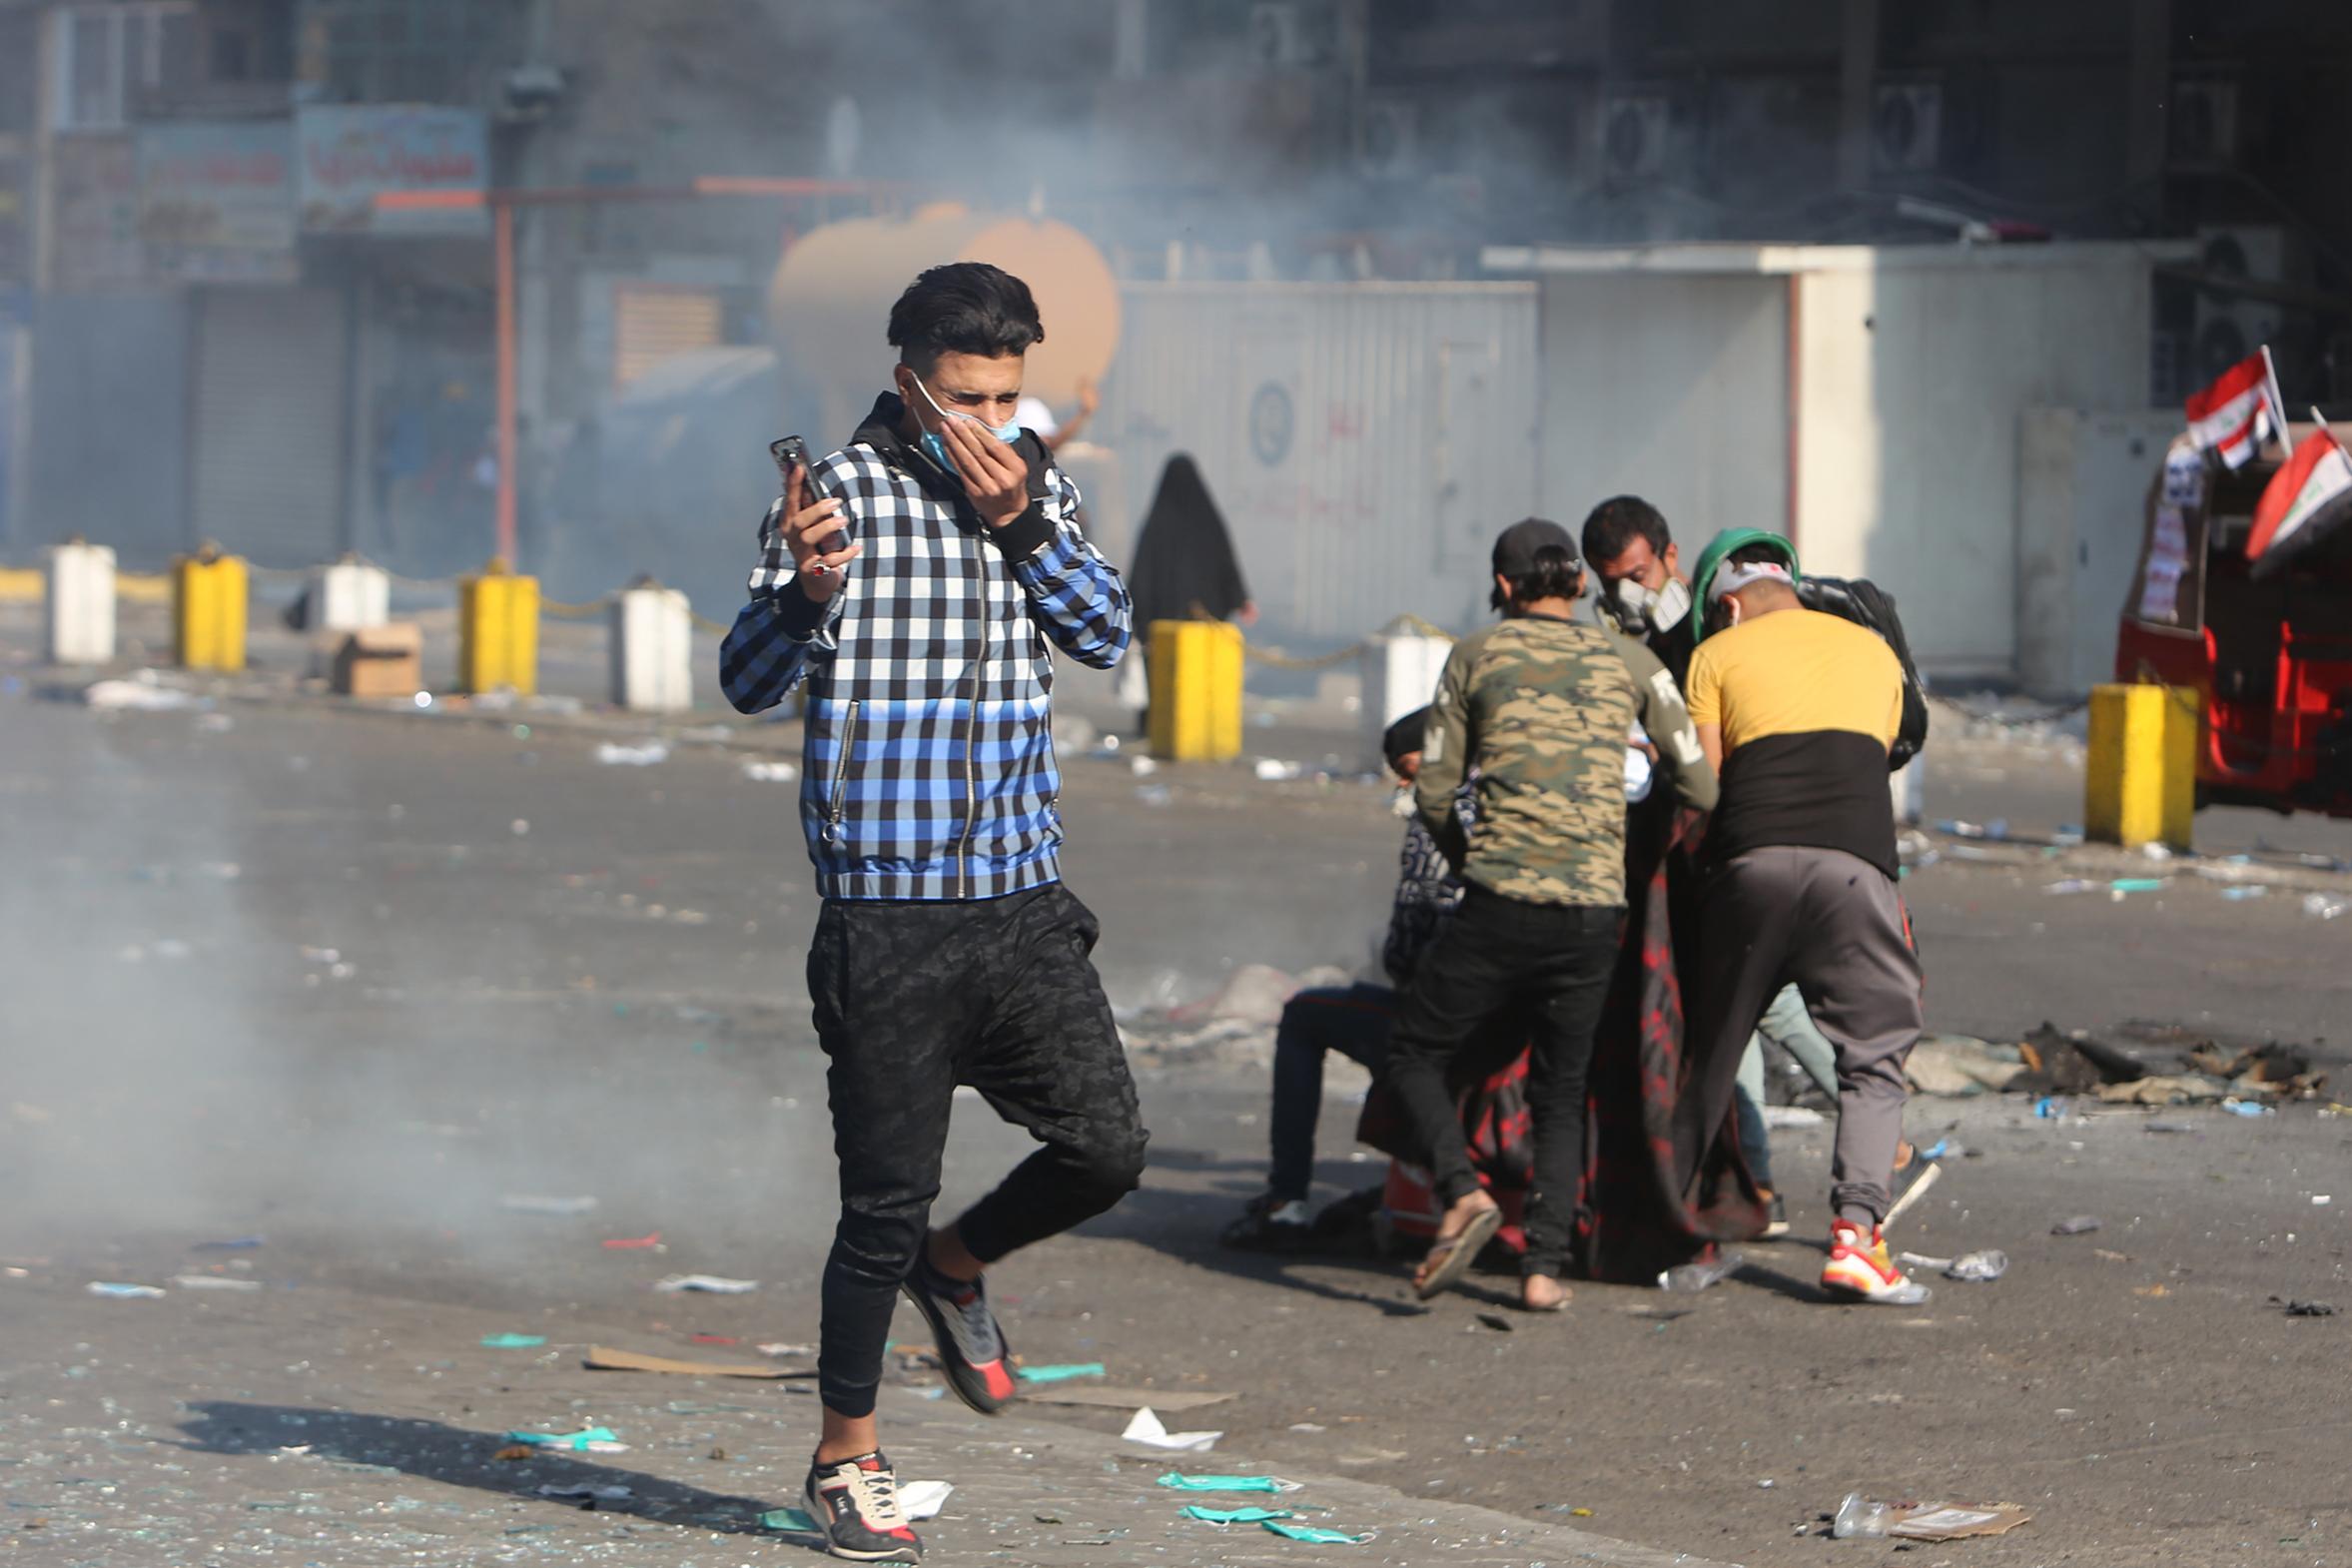 التظاهرات في بغداد متواصلة رغم قرار الحكومة منعها